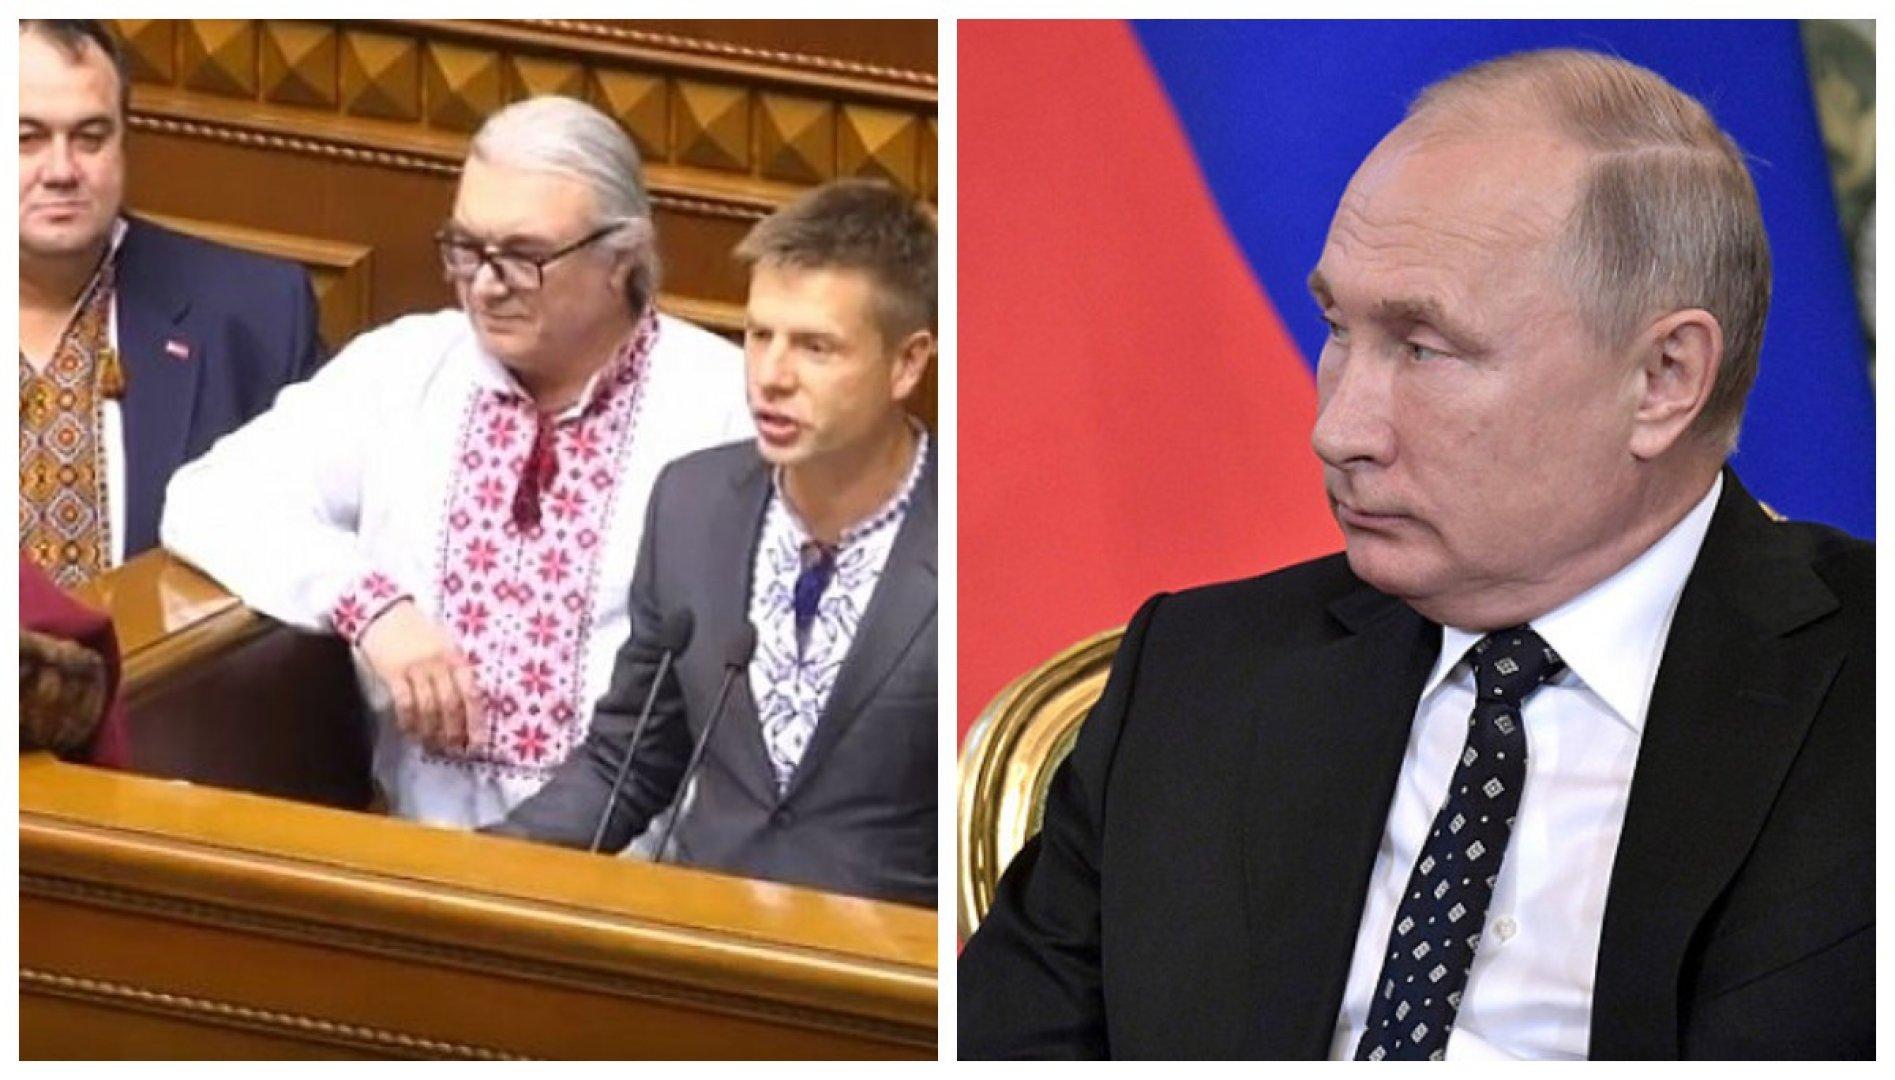 Украинские депутаты написали послание Путину в стиле запорожских казаков